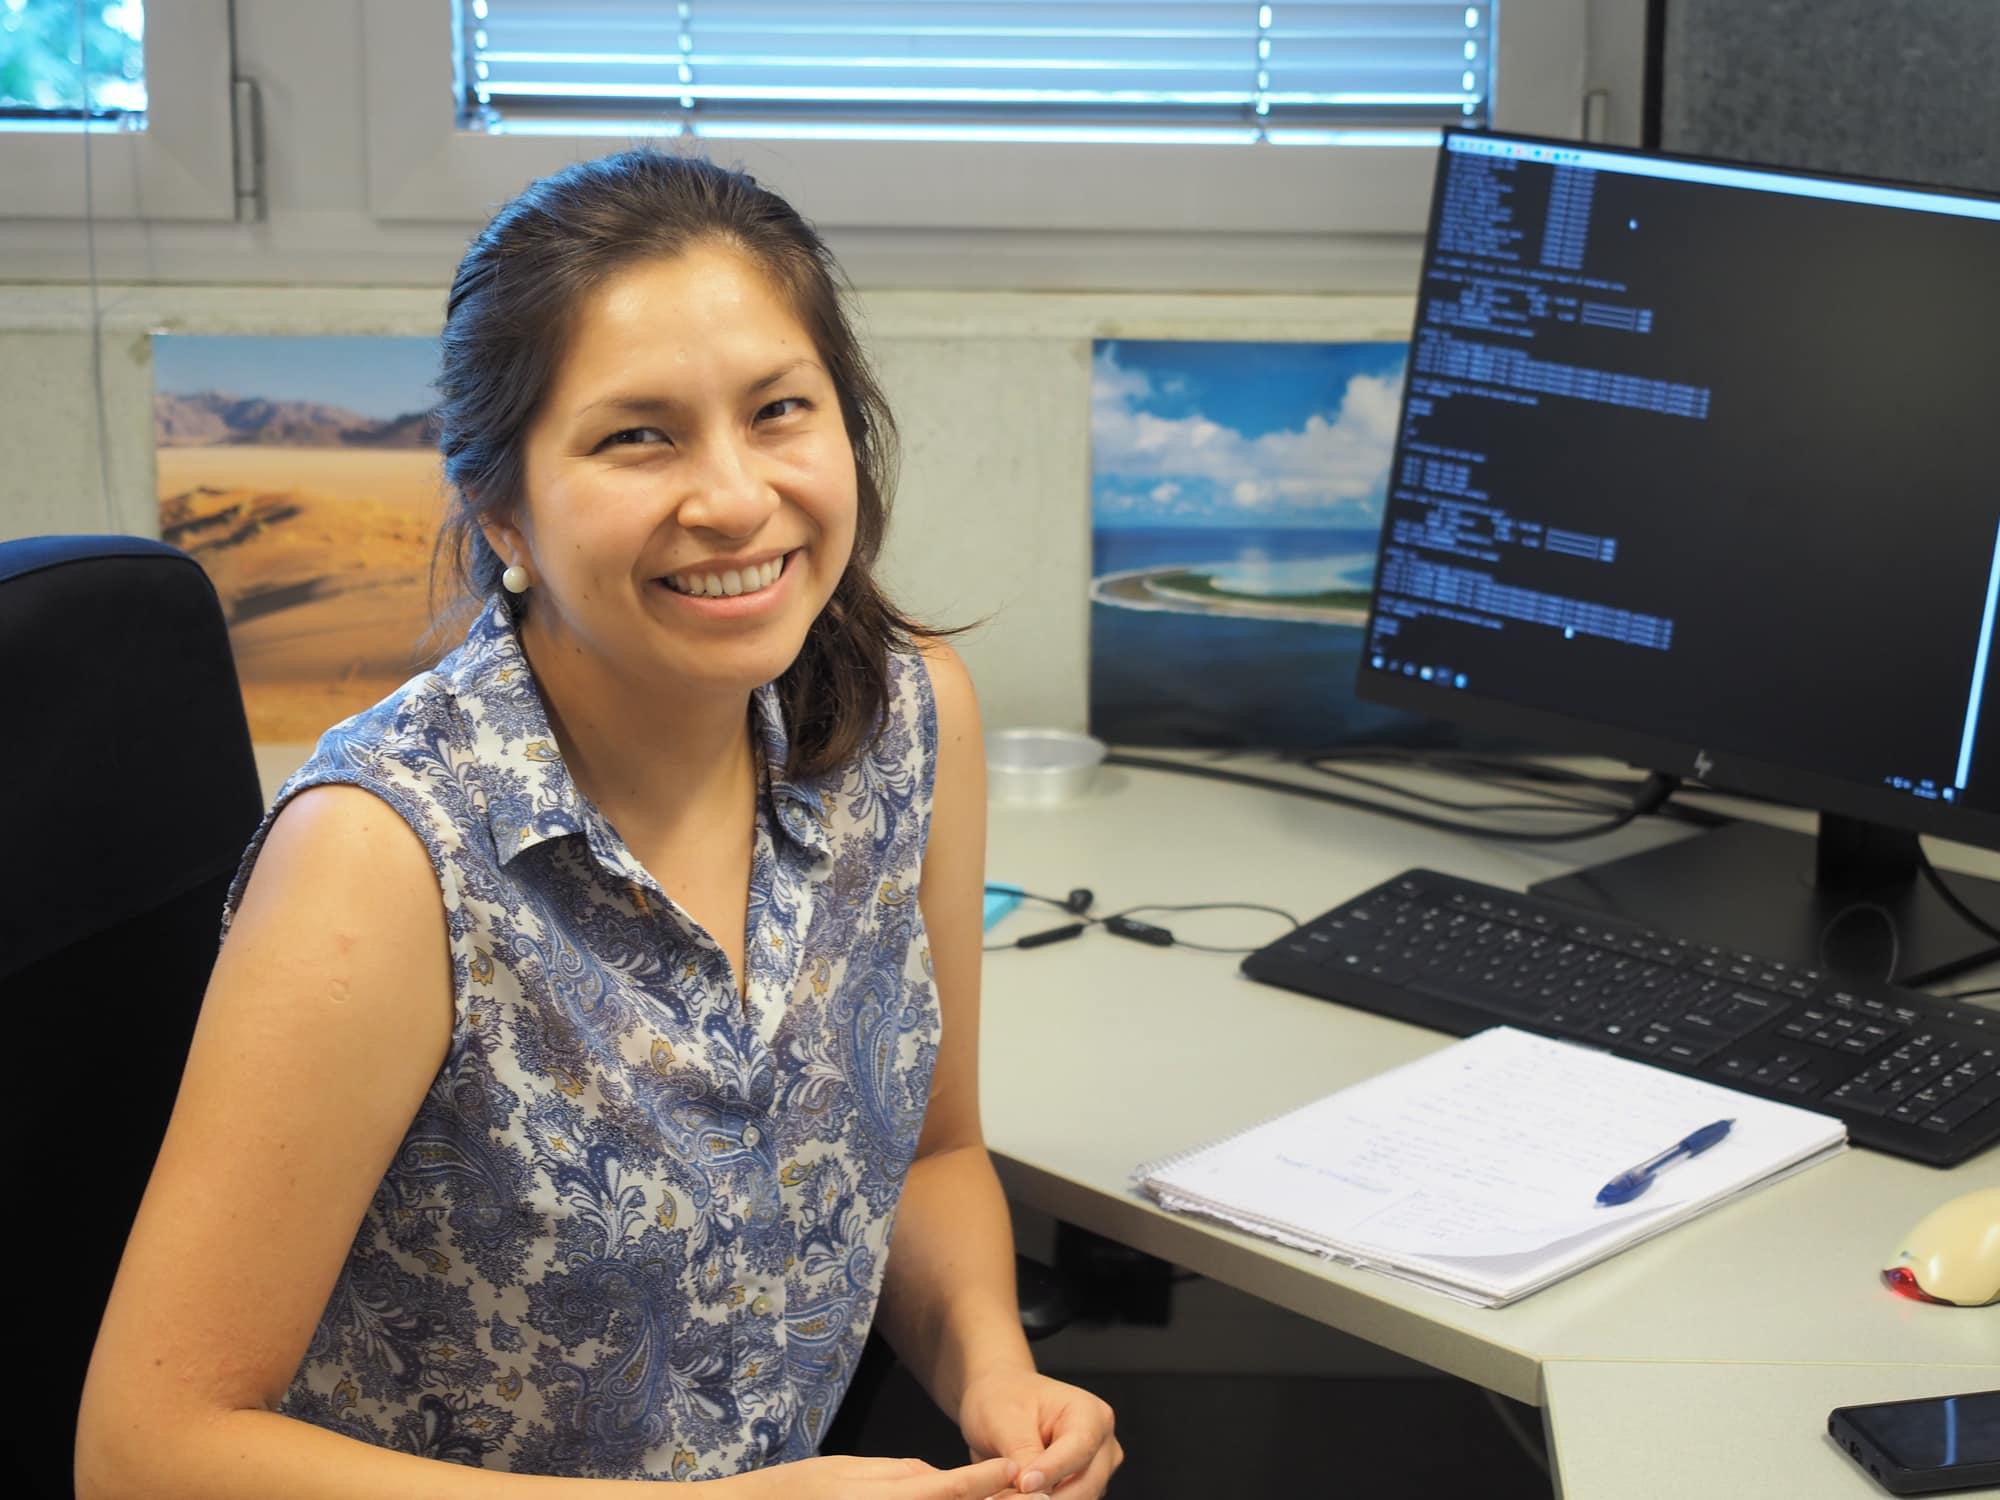 Andrea Stefania Acaro Narvaez, Testingenieurin für Weltraum-Hardware am IWF vor dem Computer am Arbeitsplatz